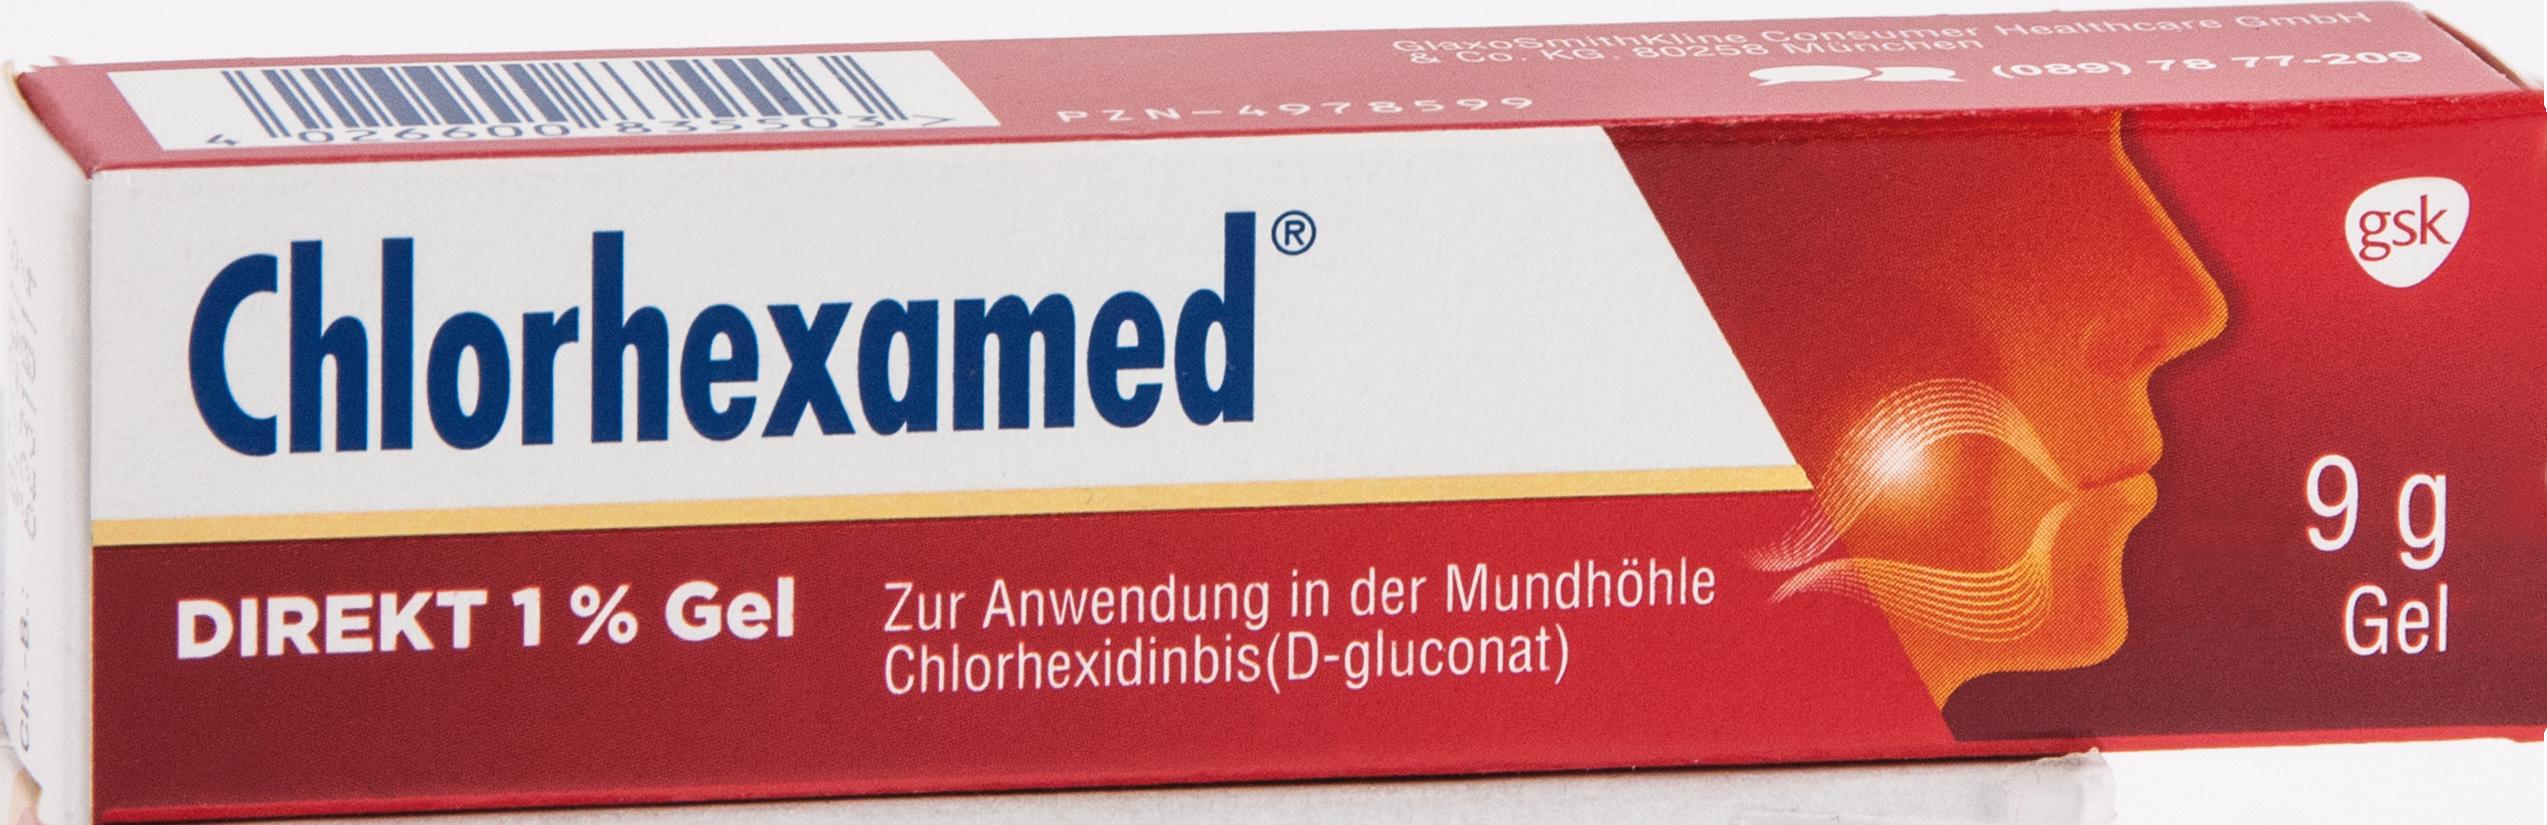 Chlorhexamed Direkt